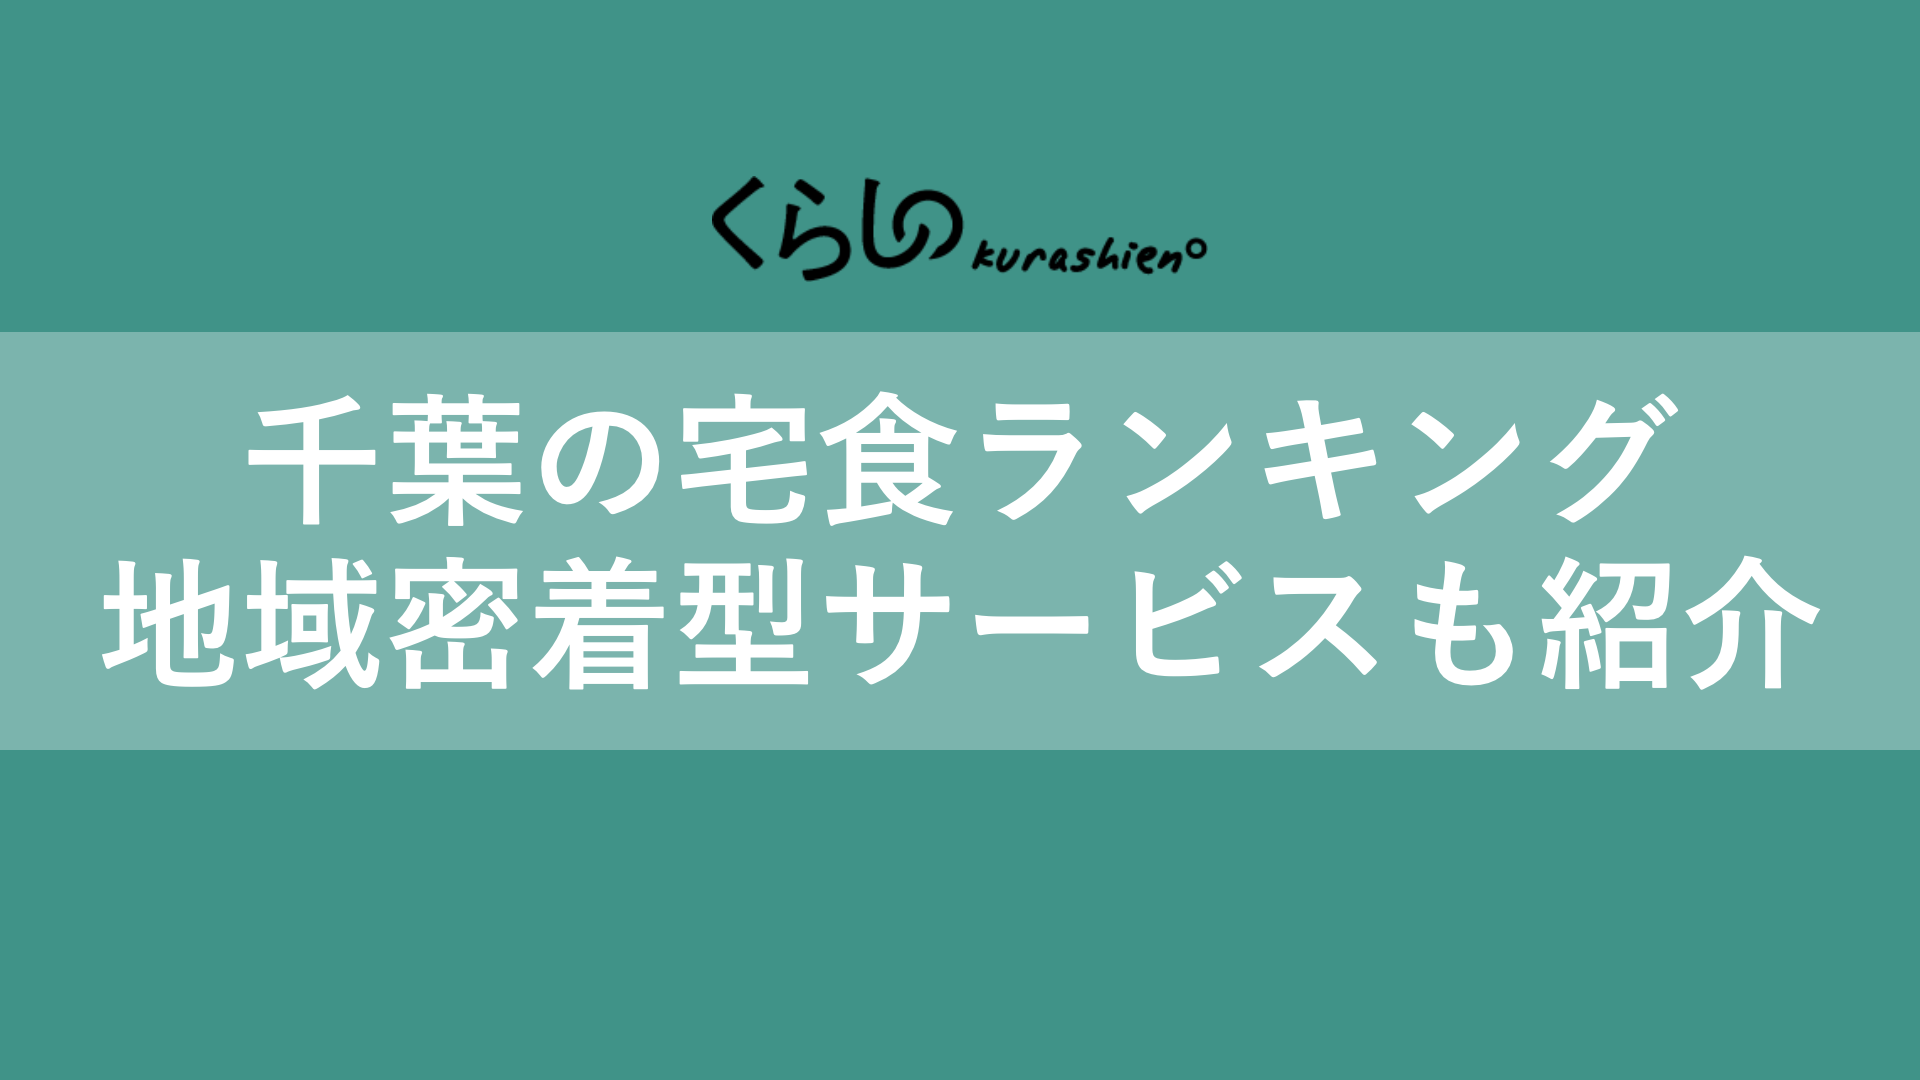 千葉県の宅食サービス・宅配弁当おすすめランキング!地域密着型サービスも紹介